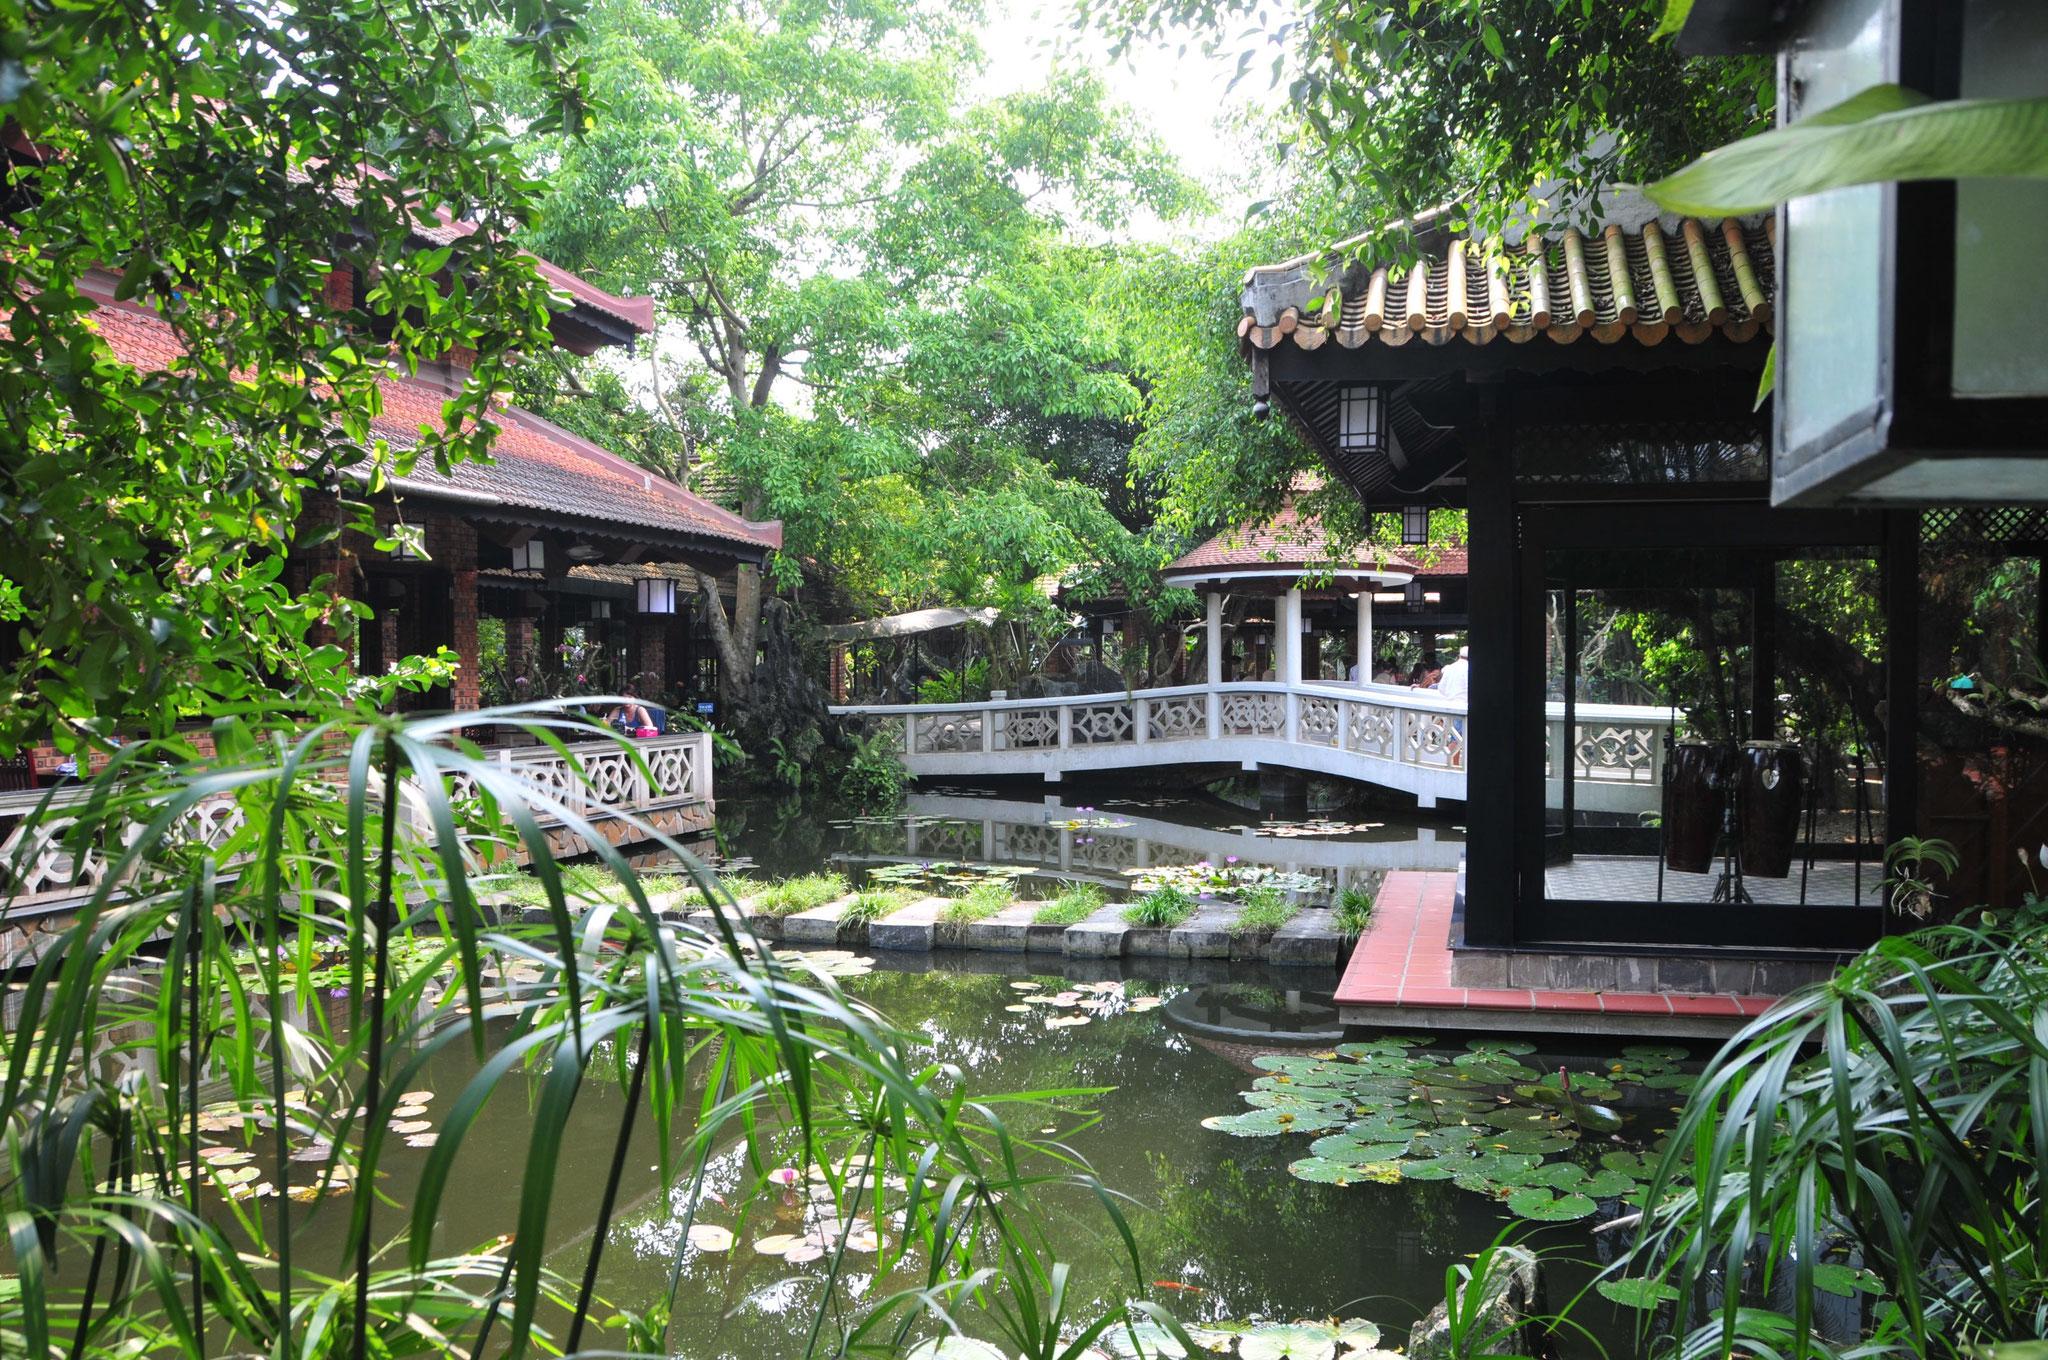 Feines Essen in einer wunderschönen Gartenanlage auf  dem Weg von Hue in Richtung Flughafen